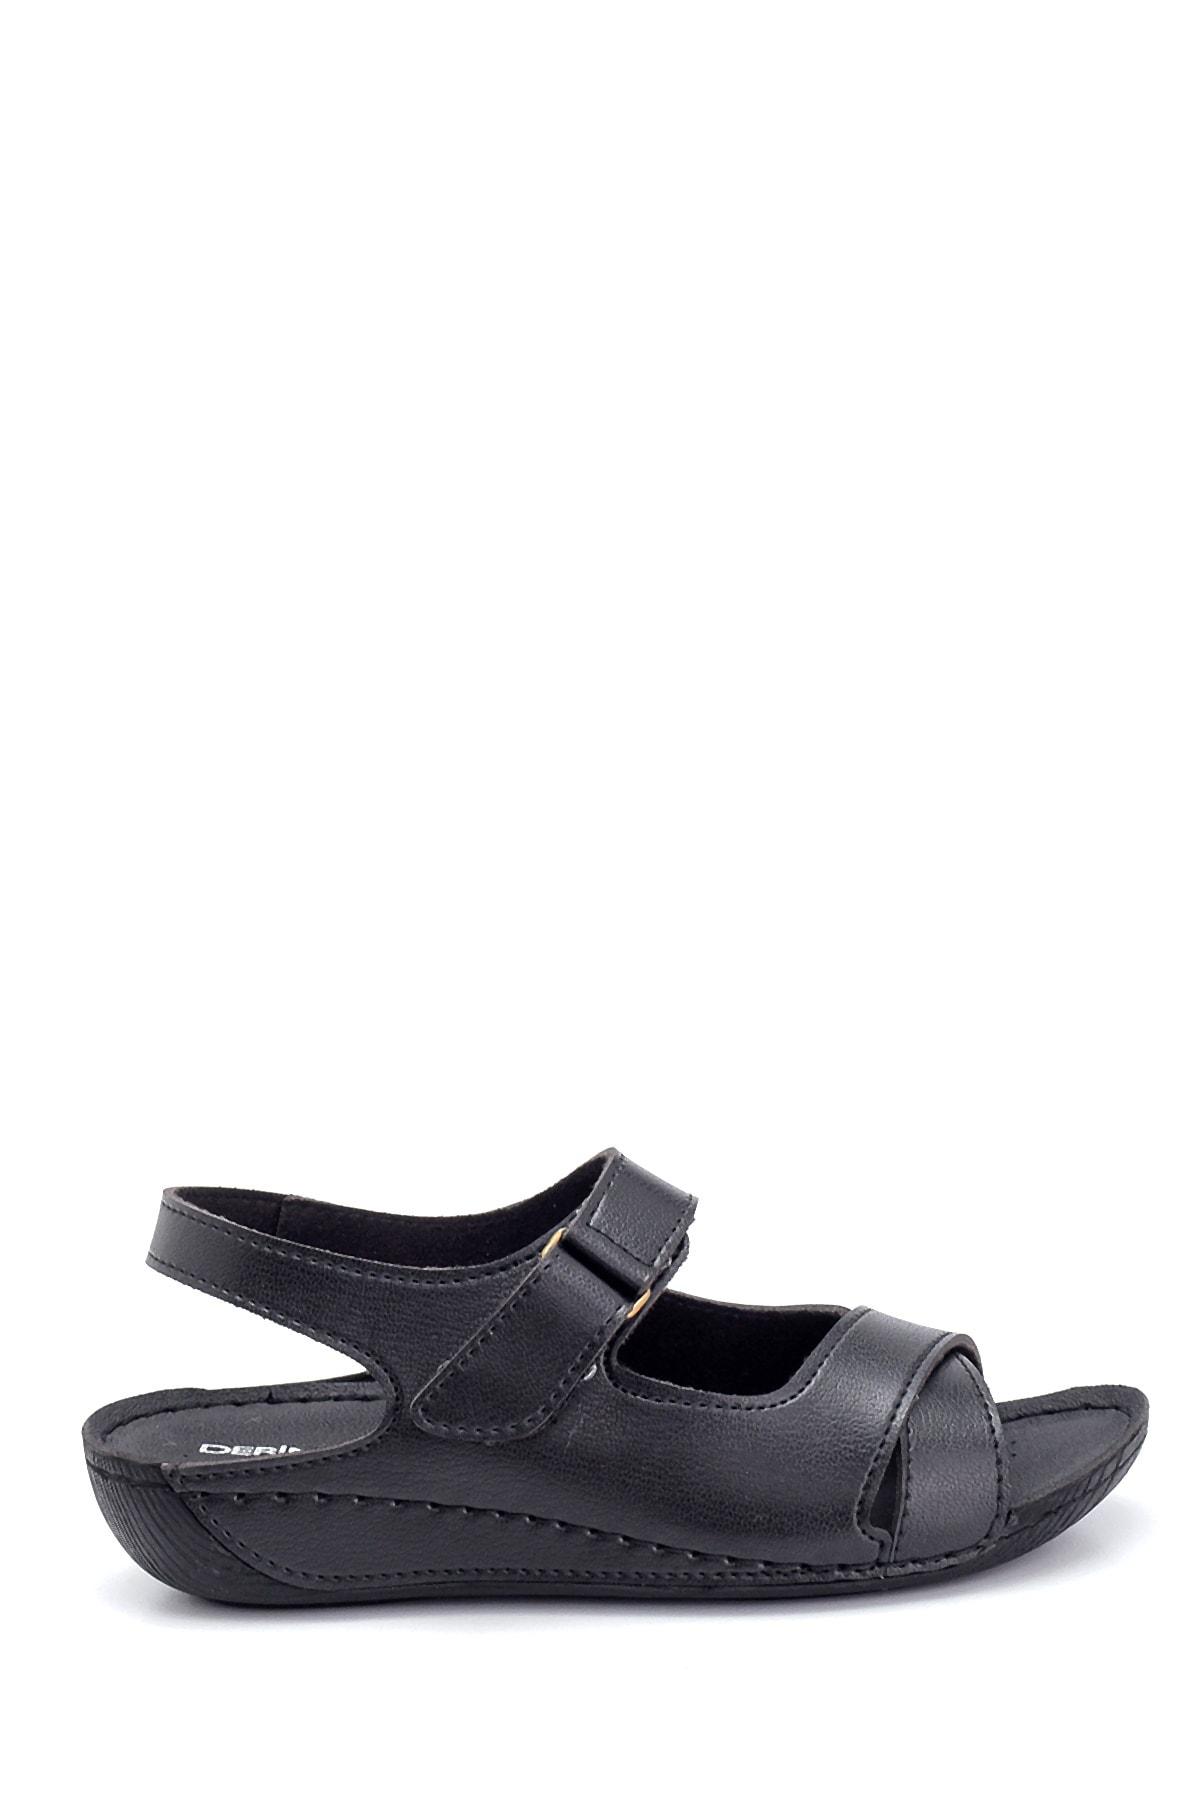 Kadın Dolgu Topuk Casual Sandalet